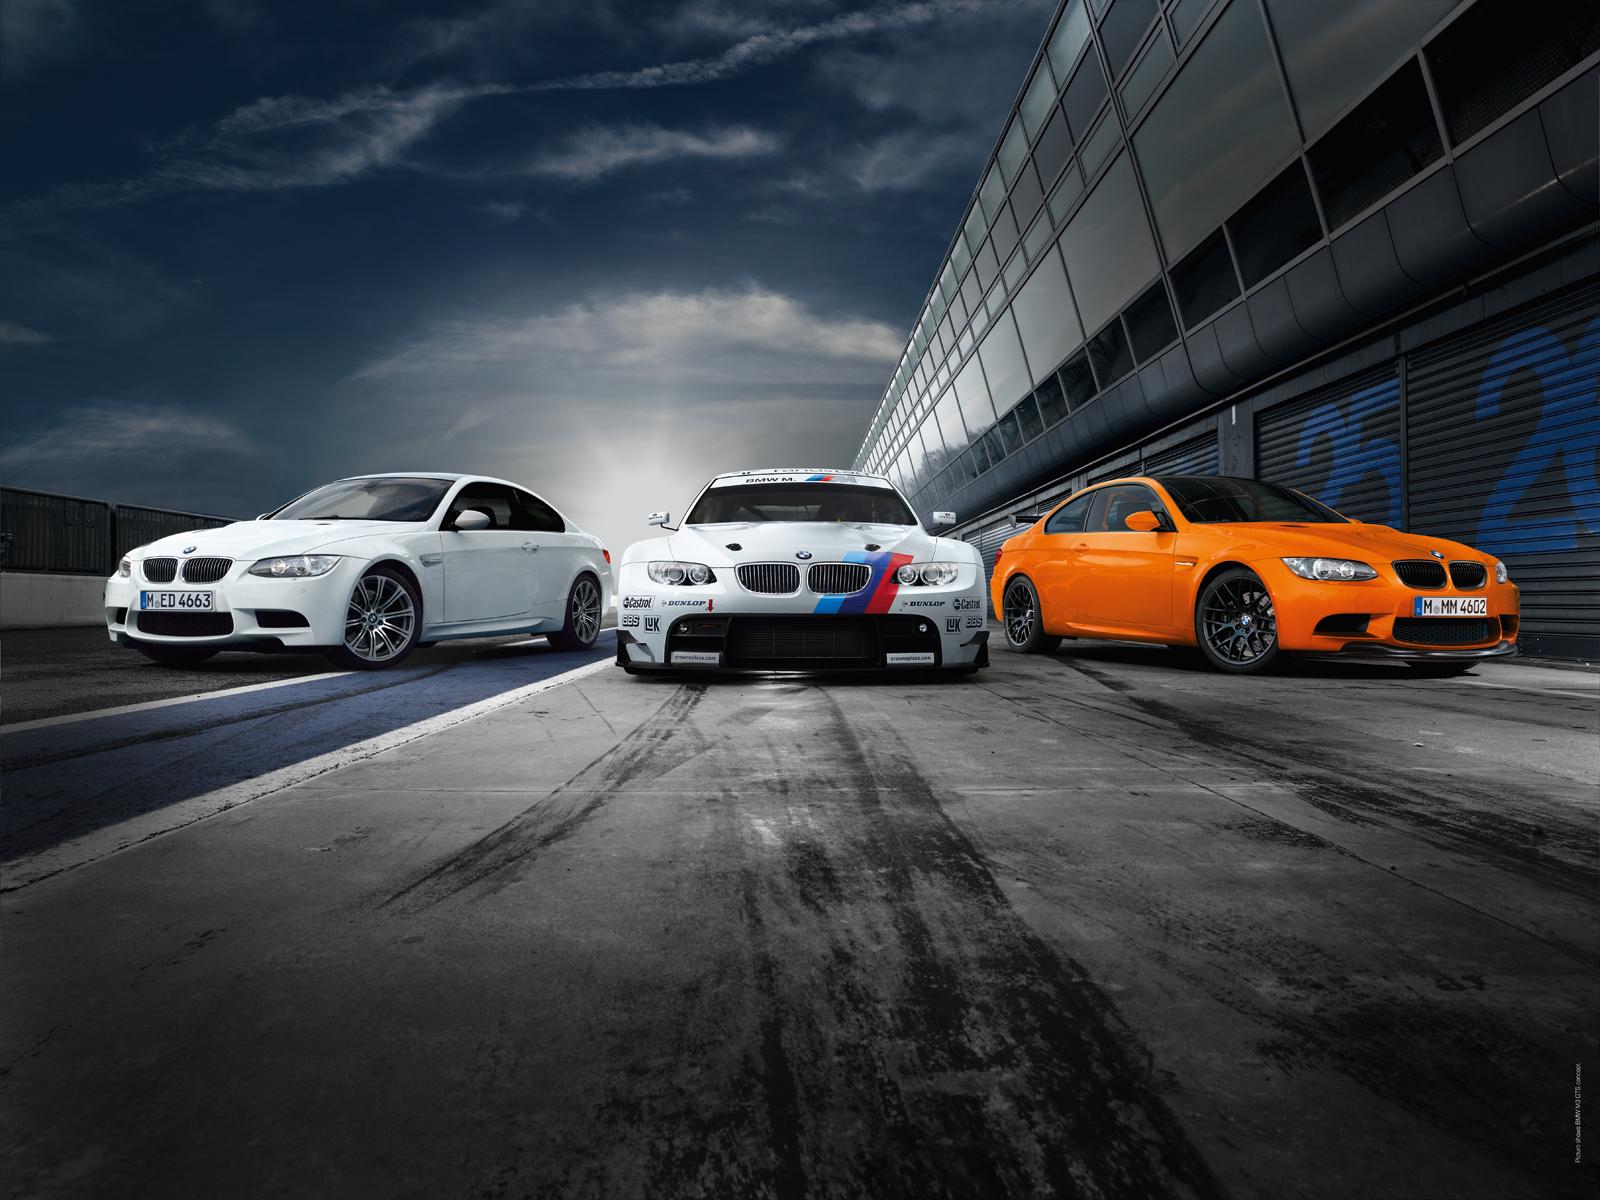 BMW-M3-BMW-M3-GT2-BMW-M3-GTS-0-100